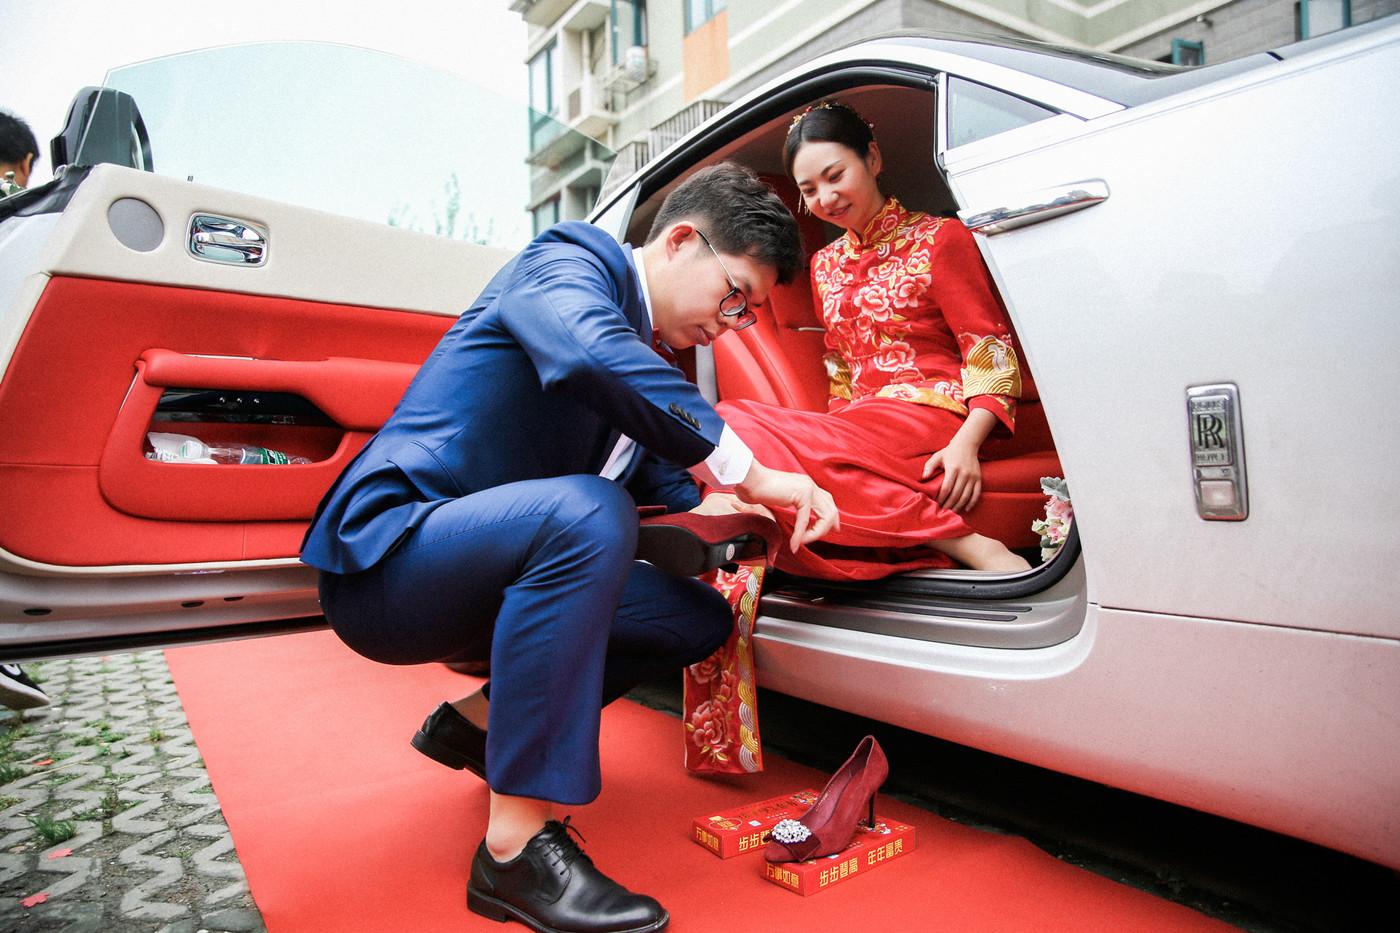 【KAI 婚礼纪实】P&S 南京婚礼28